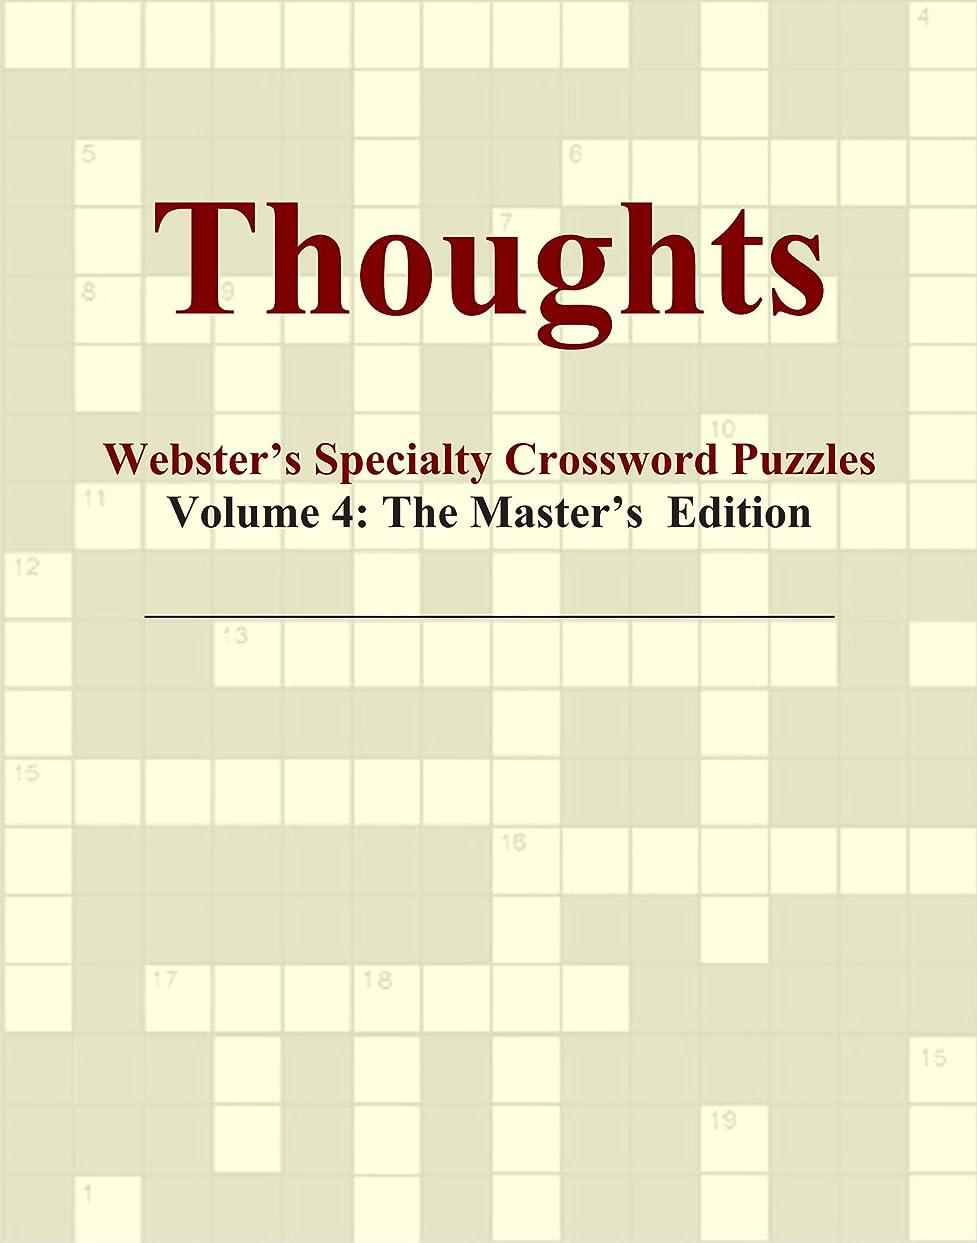 解釈する受け皿できないThoughts - Webster's Specialty Crossword Puzzles, Volume 4: The Master's Edition